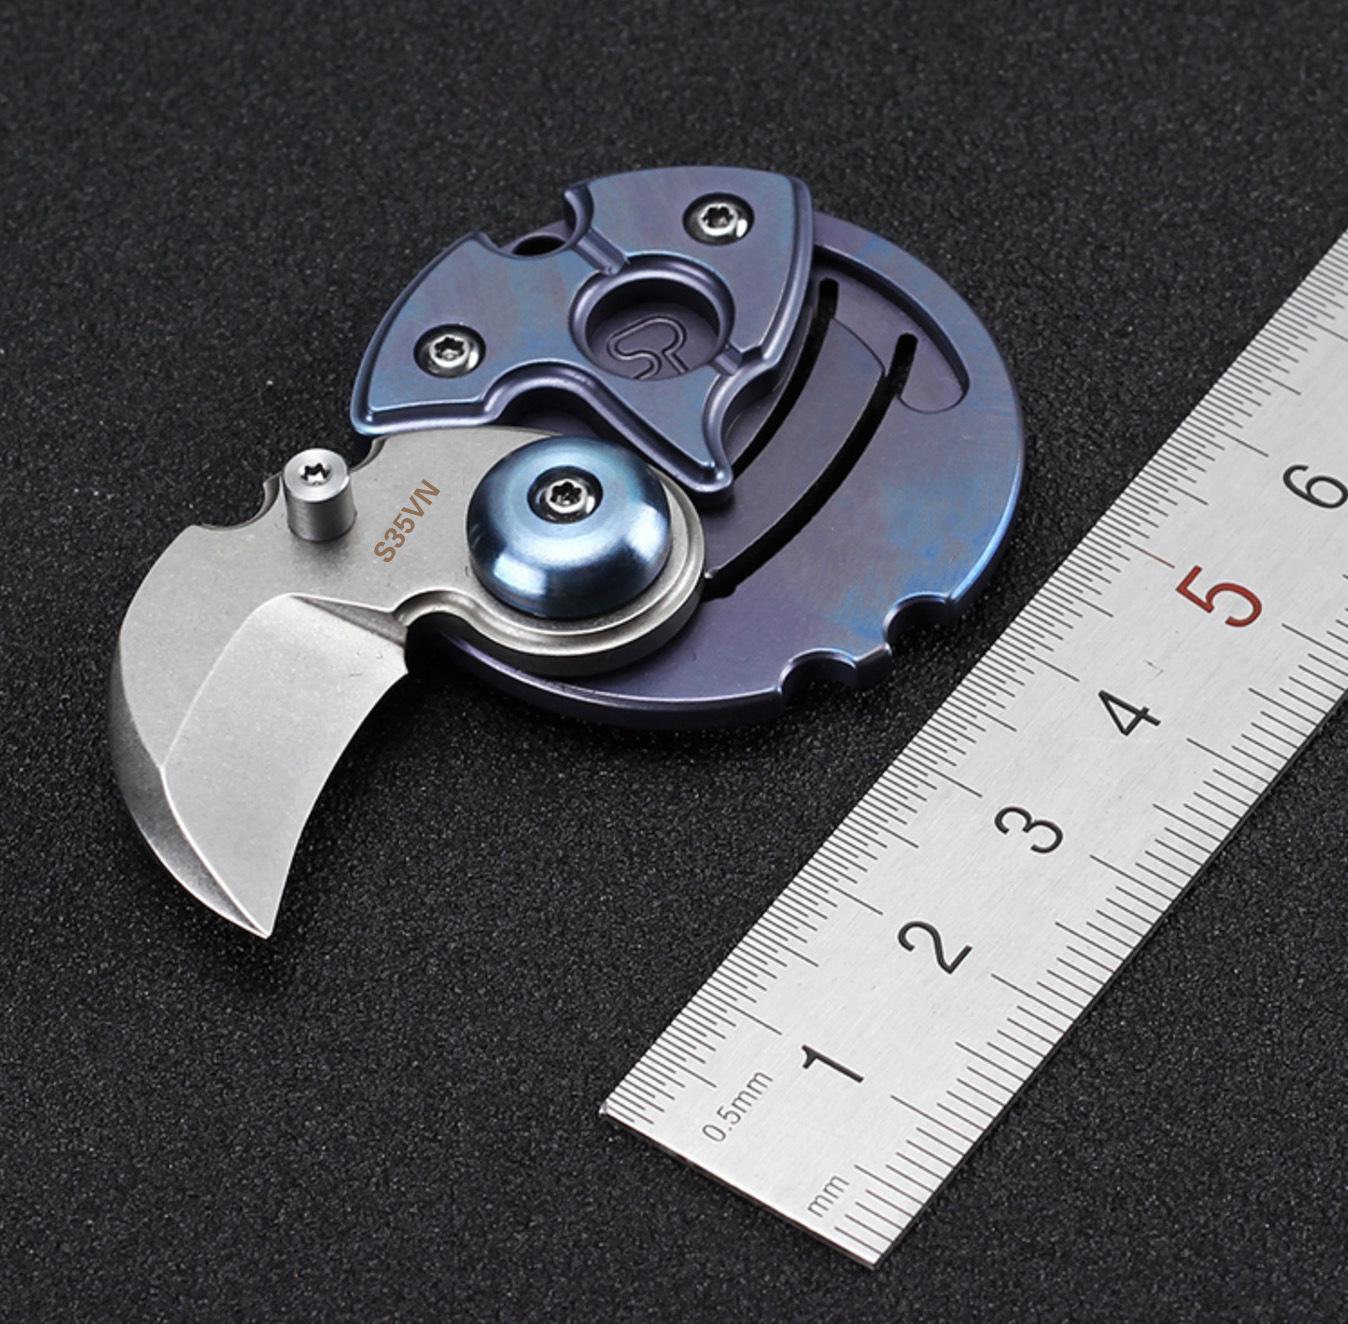 Outdoor-Mehrzweck-Titan-Legierung faltbare Selbstverteidigung Messer S35VN Mini-Münze Messer Schlüsselanhänger EDC-Werkzeug